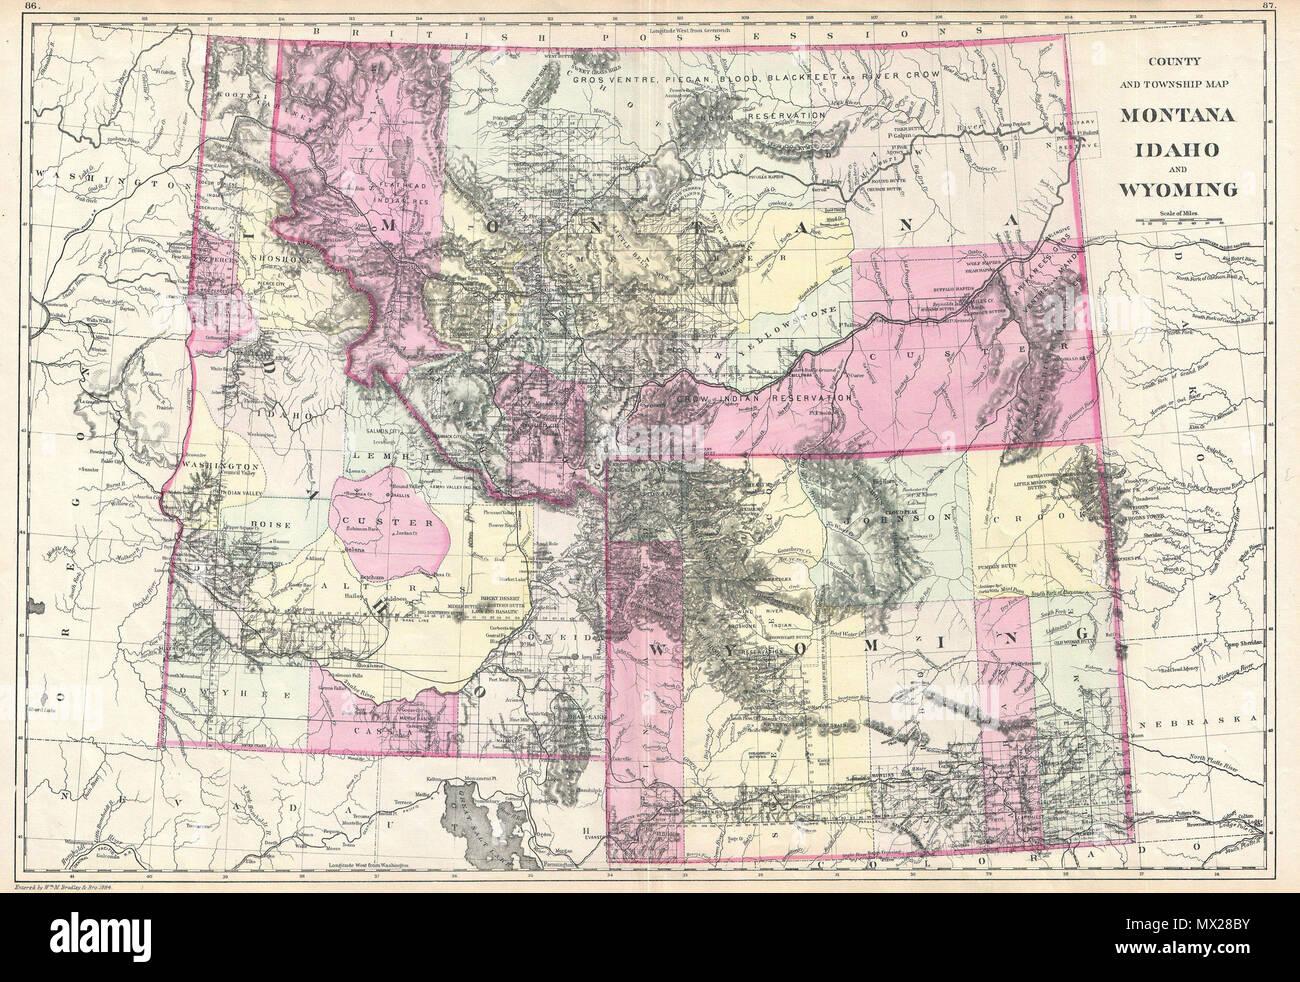 Indian Lands Map Stock Photos Indian Lands Map Stock Images Alamy - Map-of-indian-lands-in-the-us